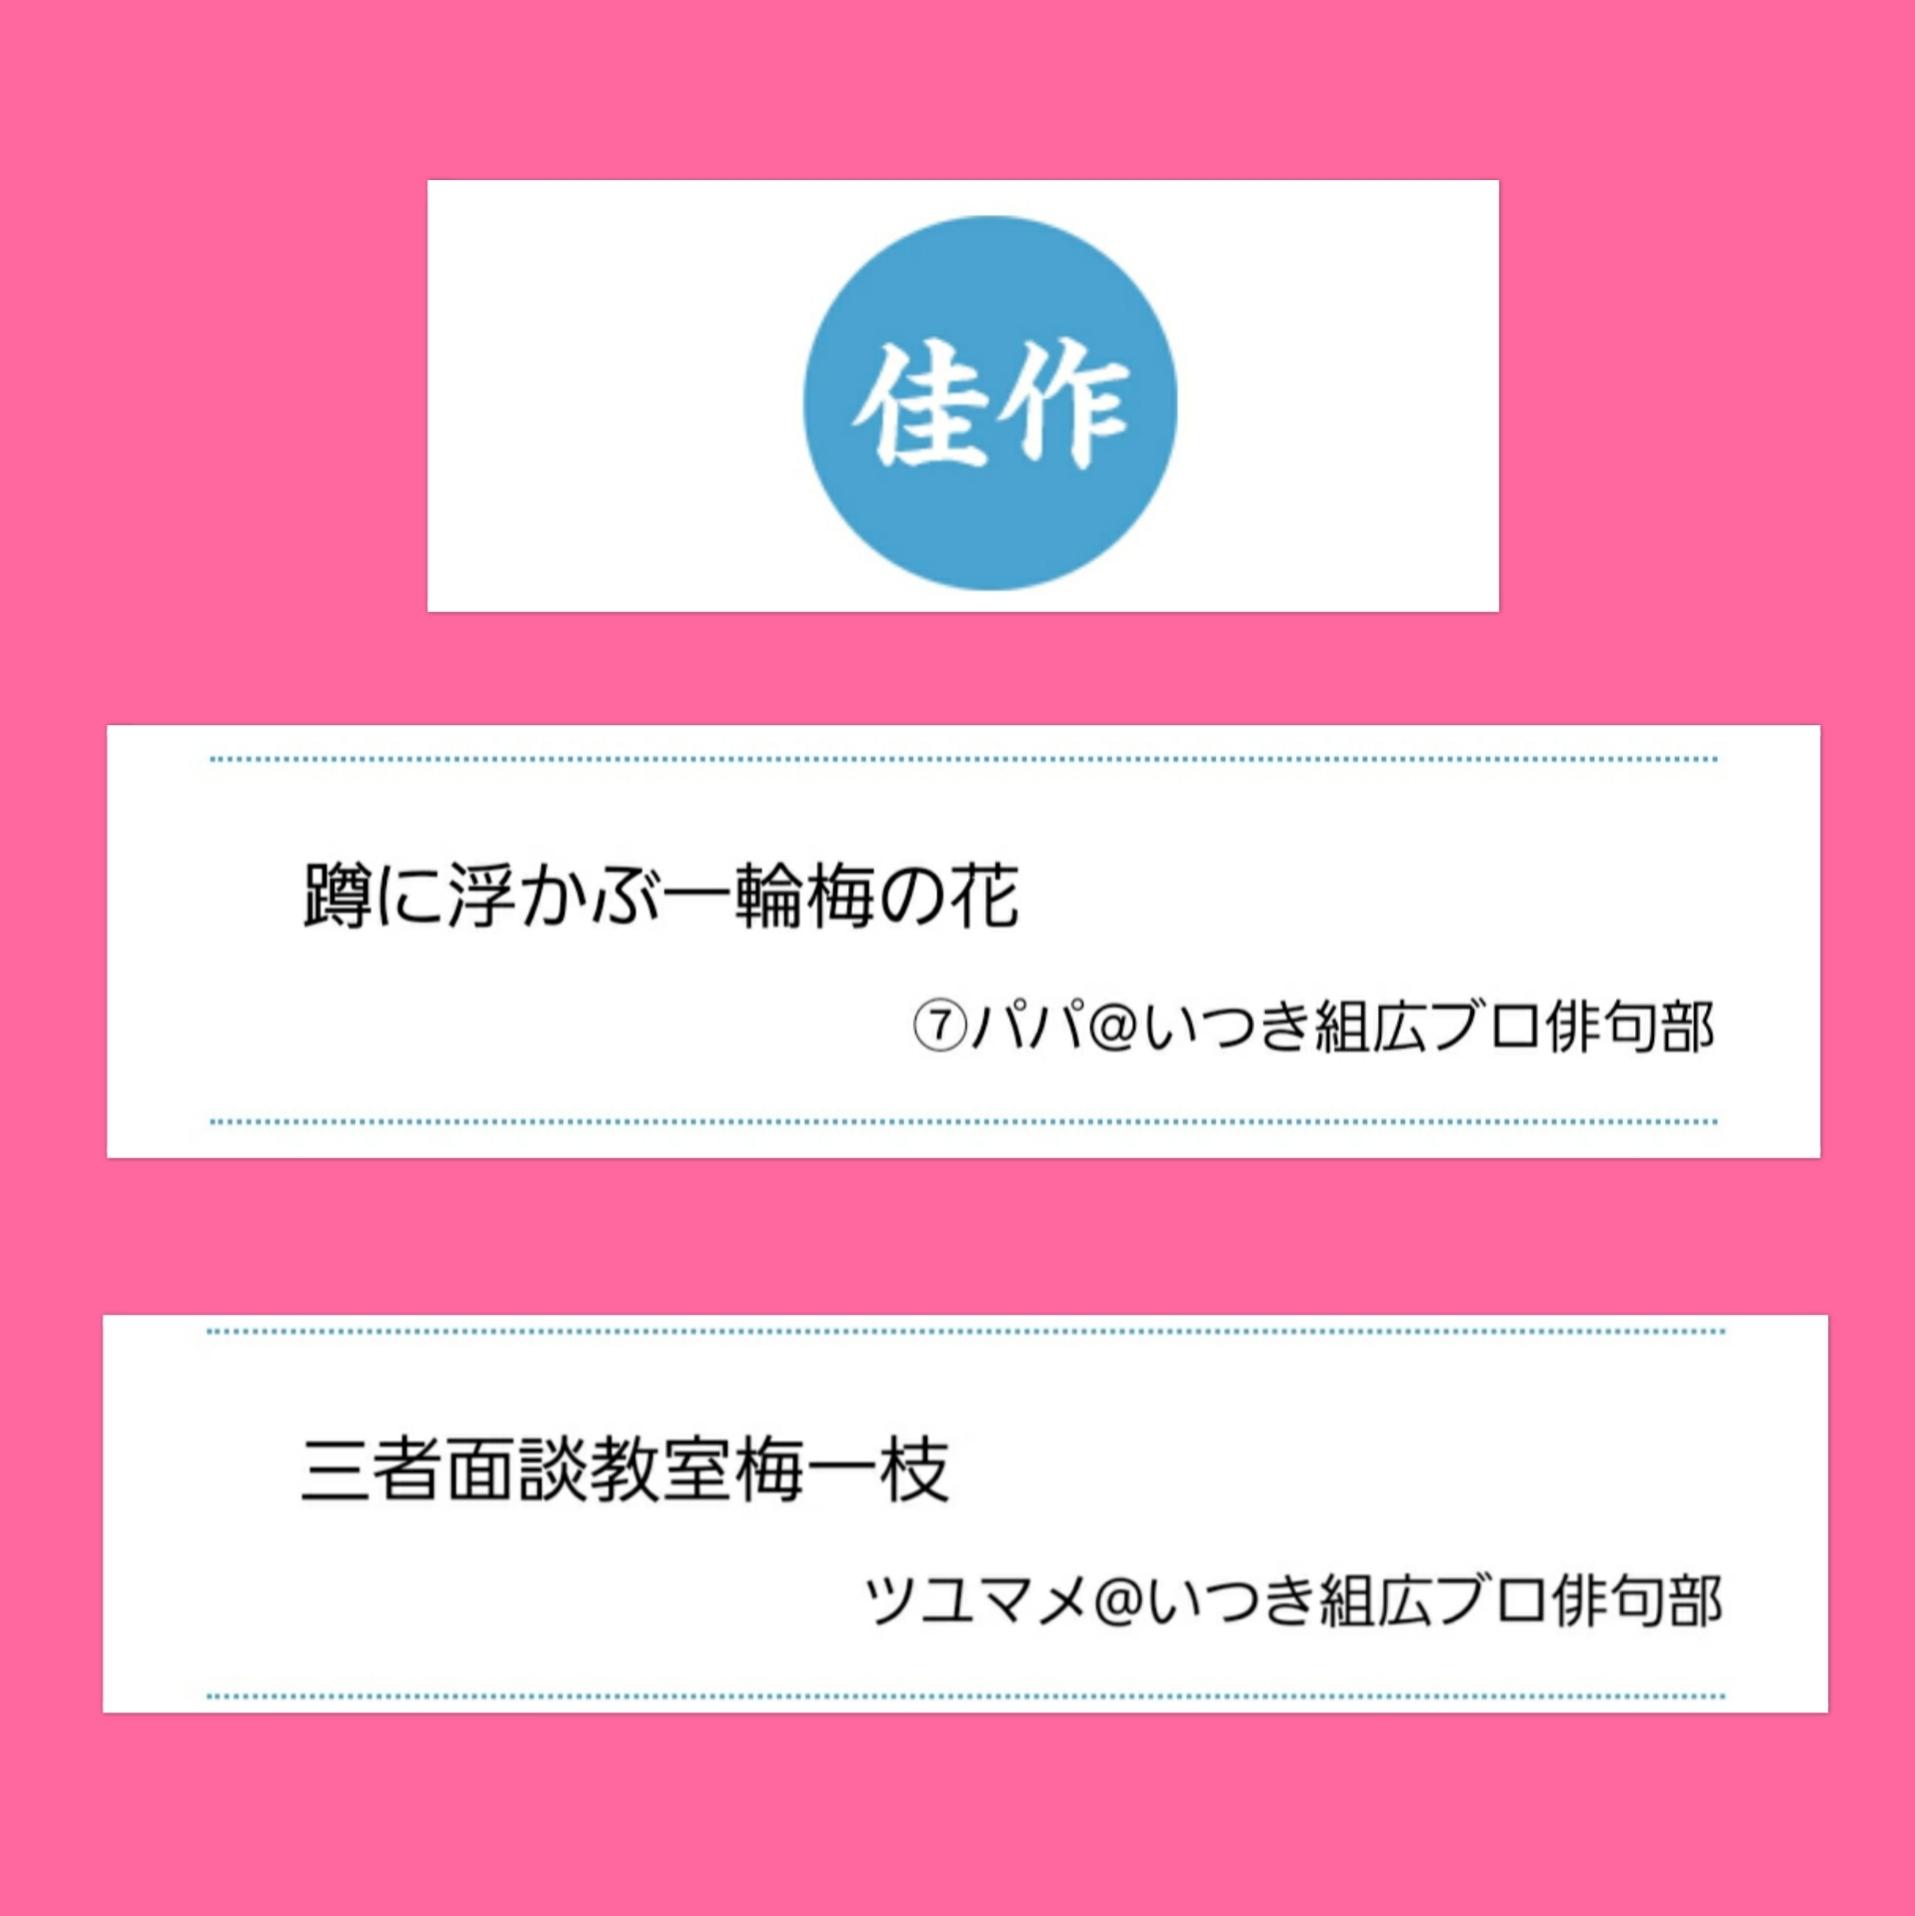 薄利でも利確に走るチキンハート&通販生活俳句『梅』_f0395324_17065619.jpg